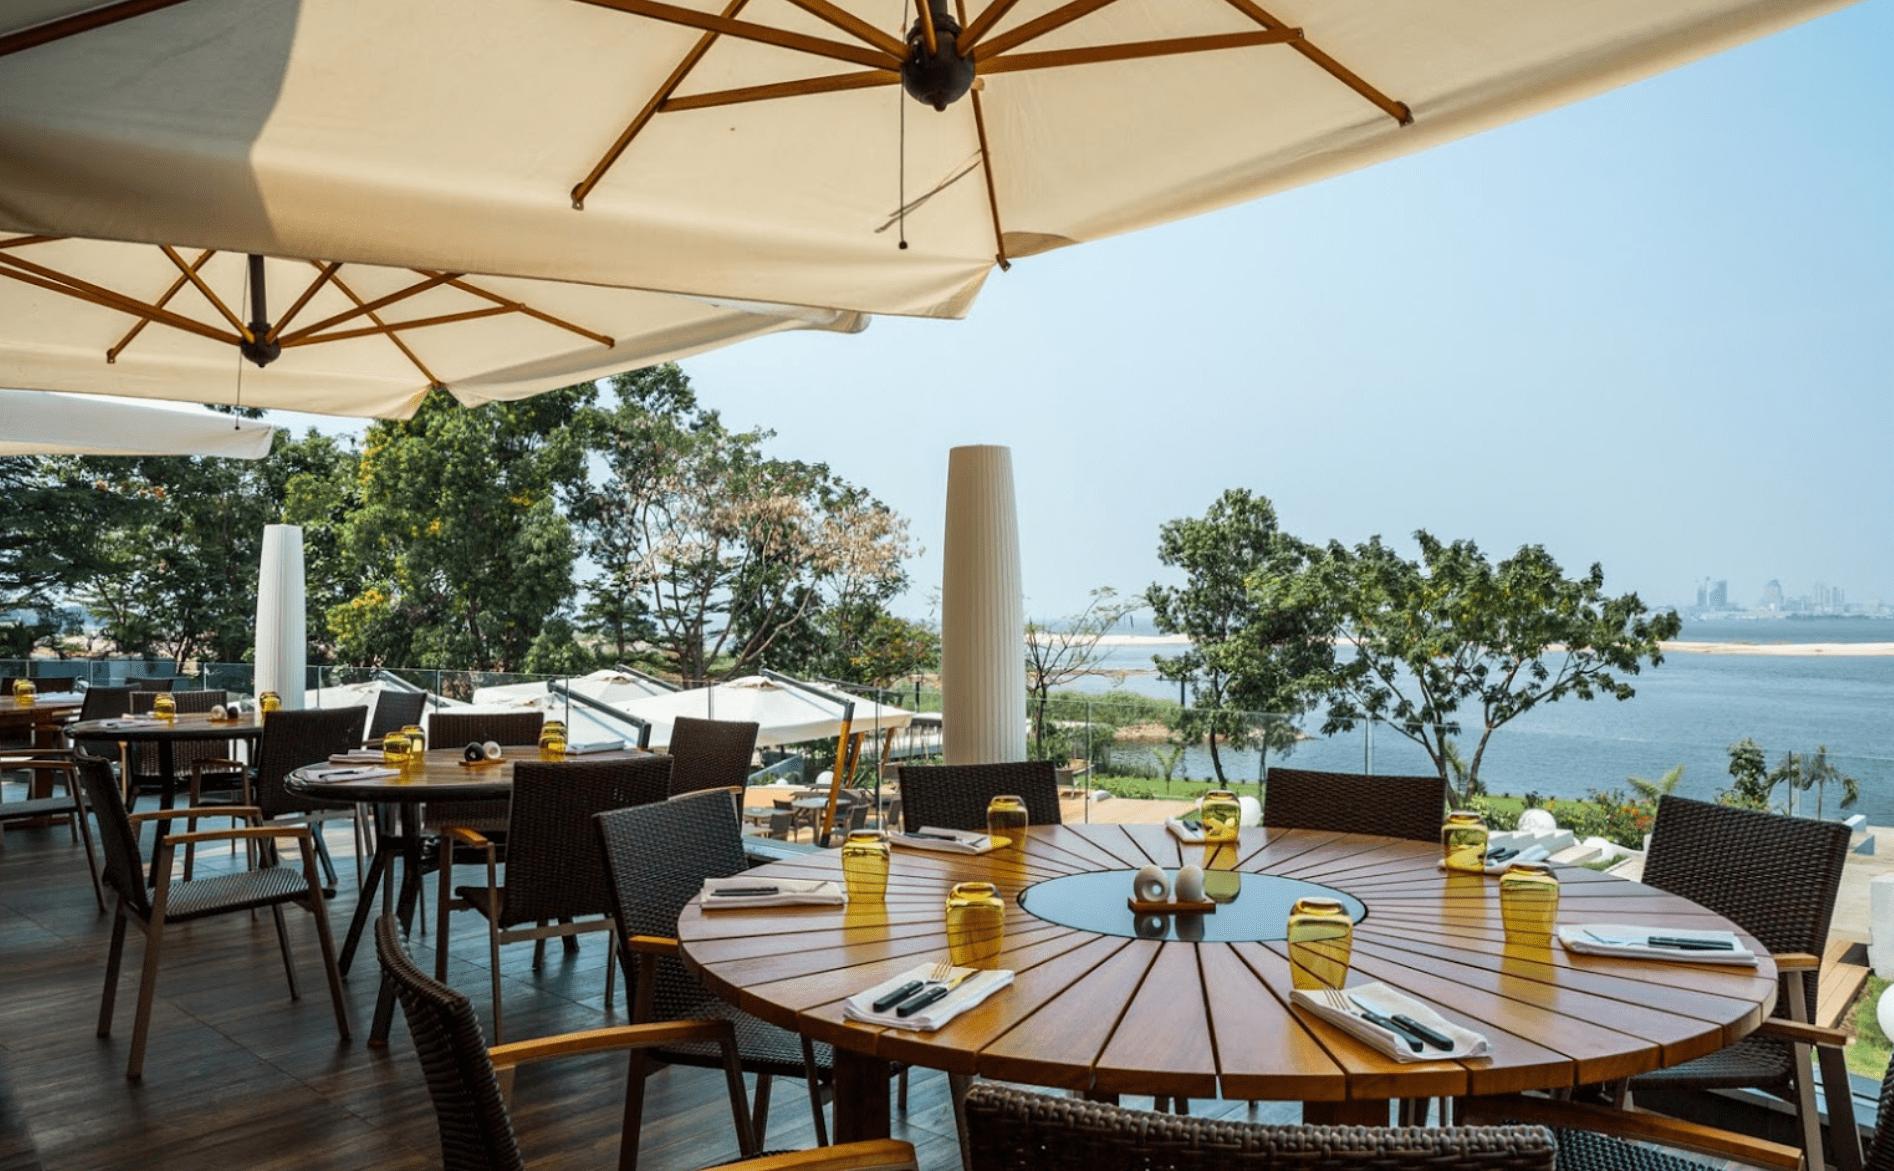 Cafes in Brazzaville